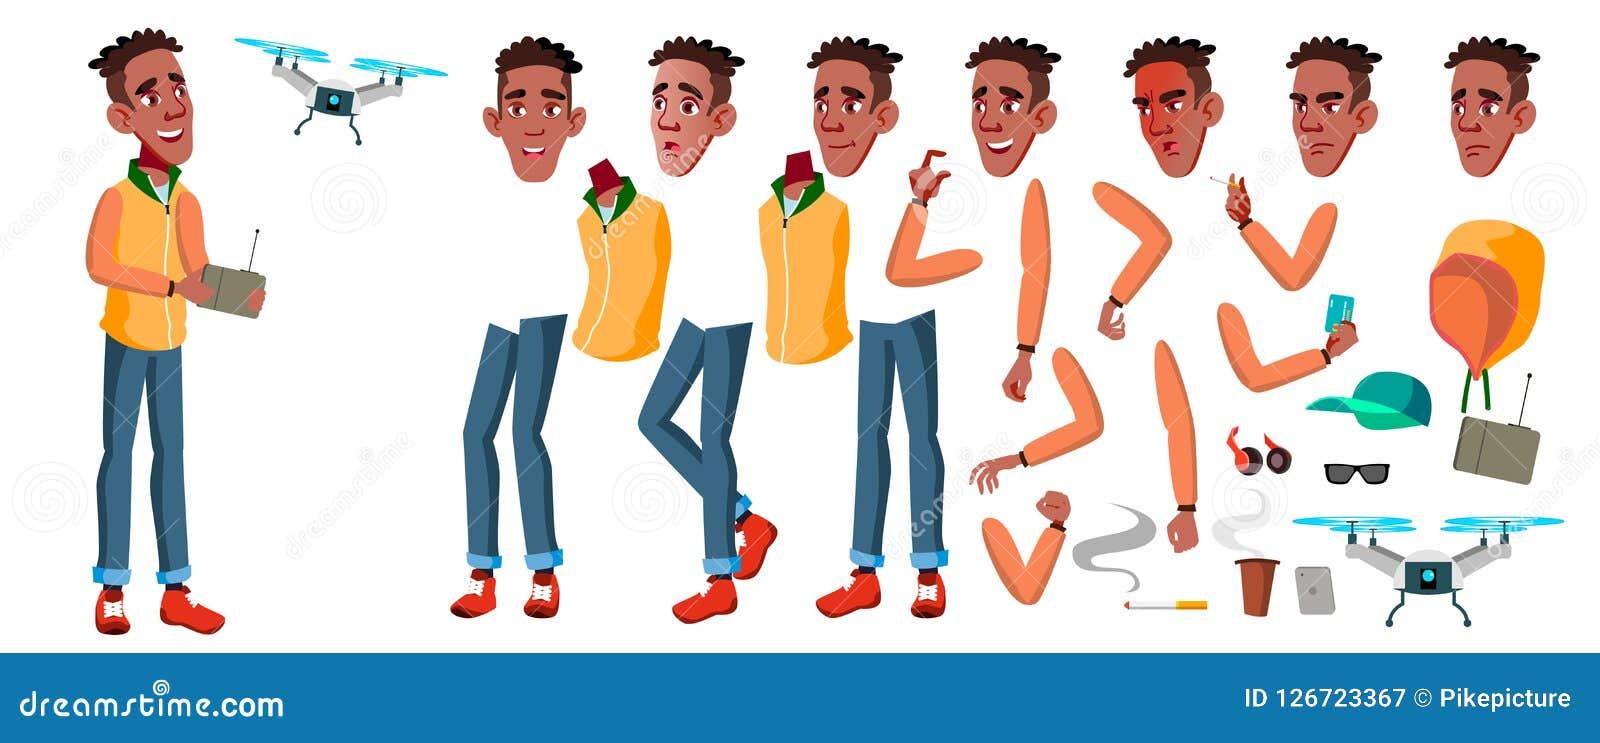 青少年的男孩传染媒介 动画创作集合 投反对票 美国黑人 面孔情感,姿态 成人人员 偶然 茴香酒